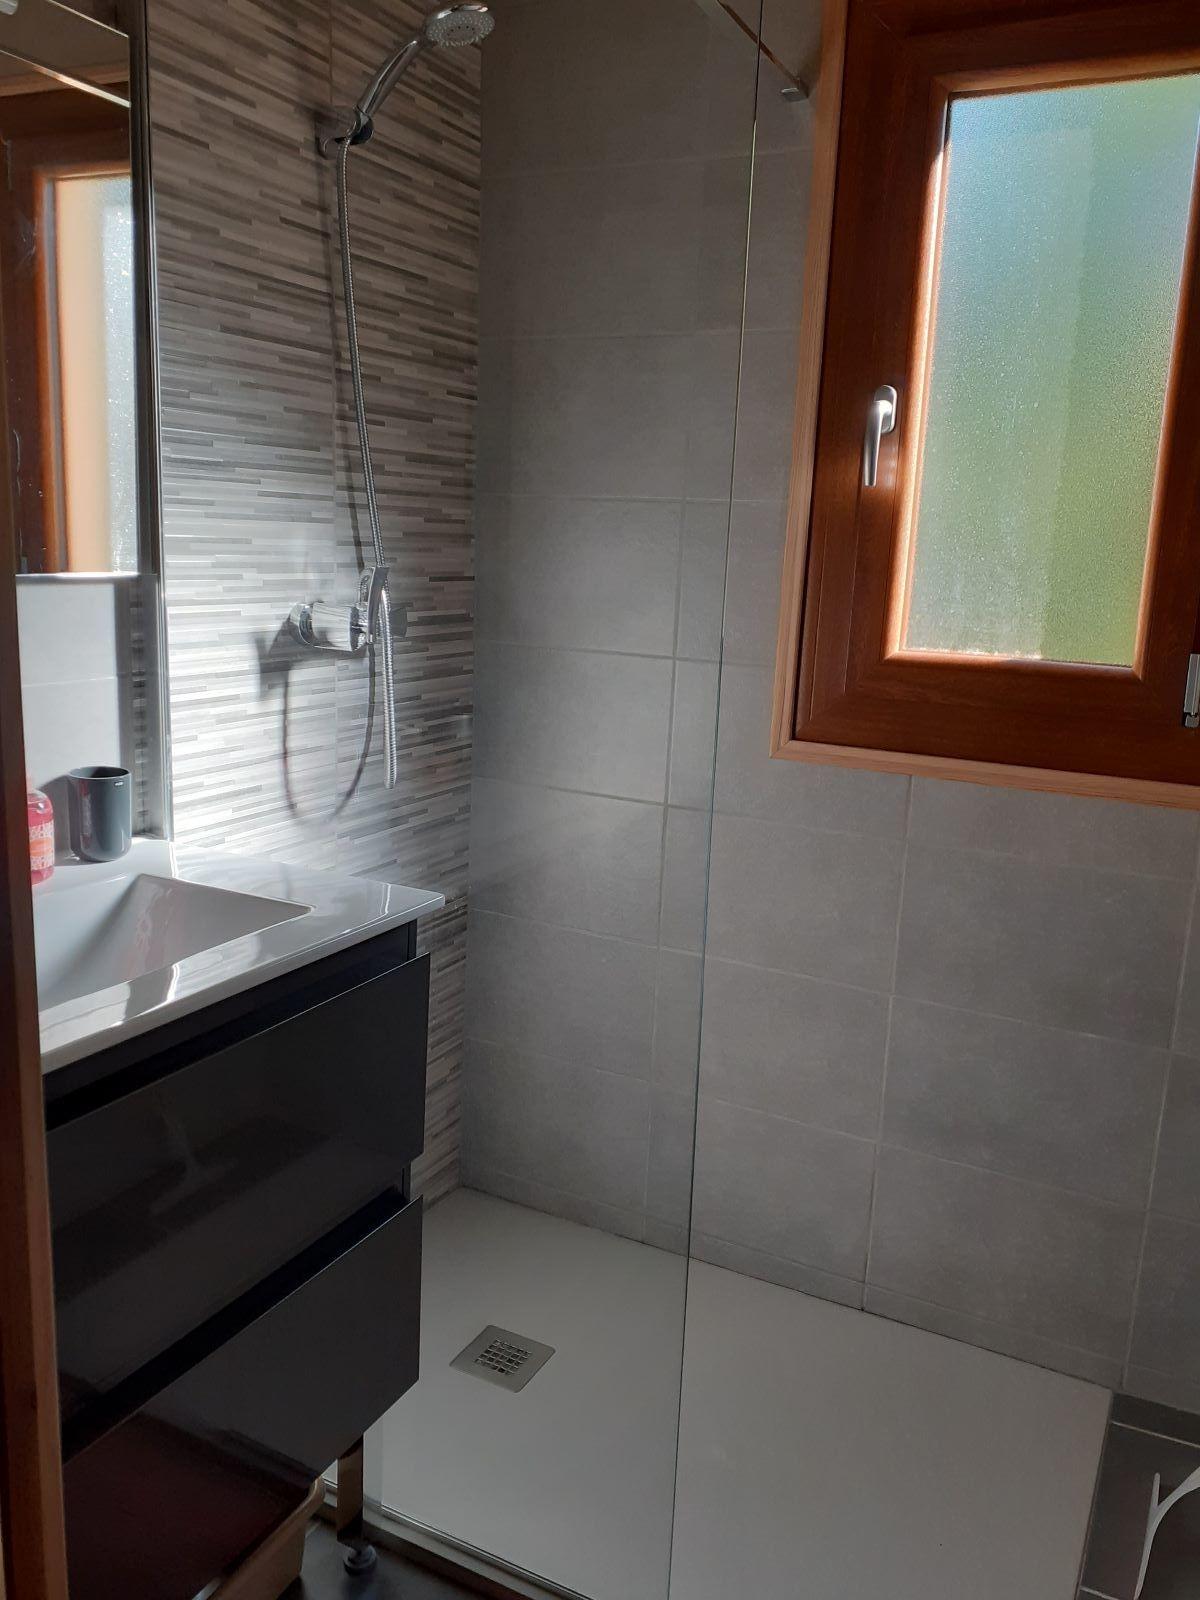 20200904 094642 - ANCELLE STUDIO DE 25 m² (4 COUCHAGES) AU CHATEAU D'ANCELLE